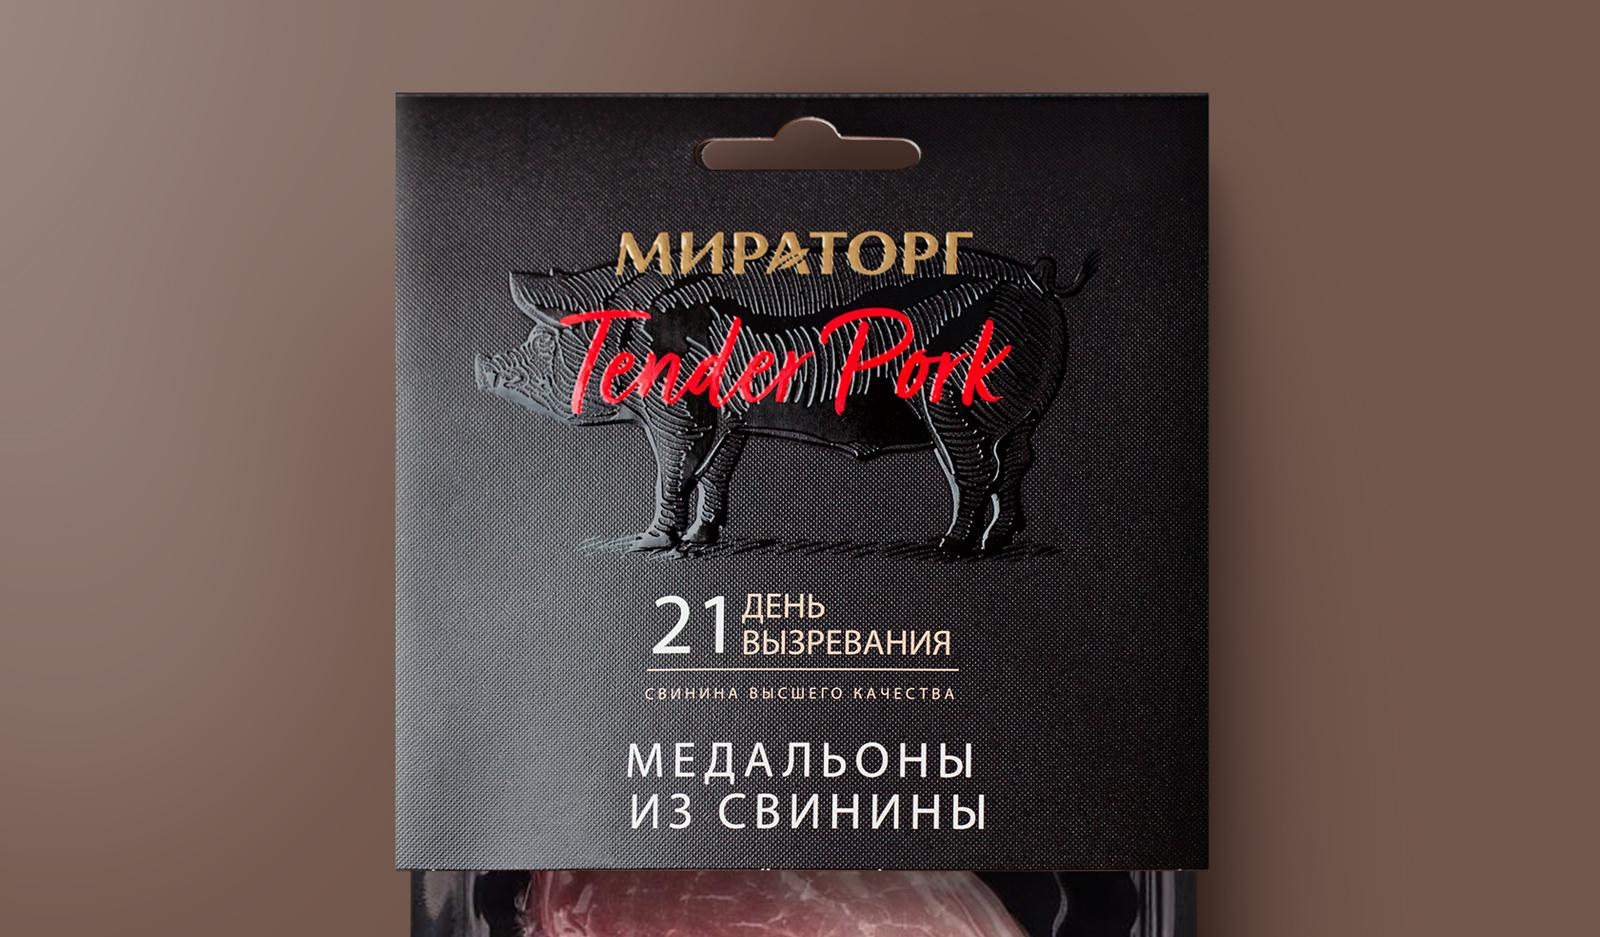 Черный цвет упаковки Tender Pork подчеркивает высокое качество мяса